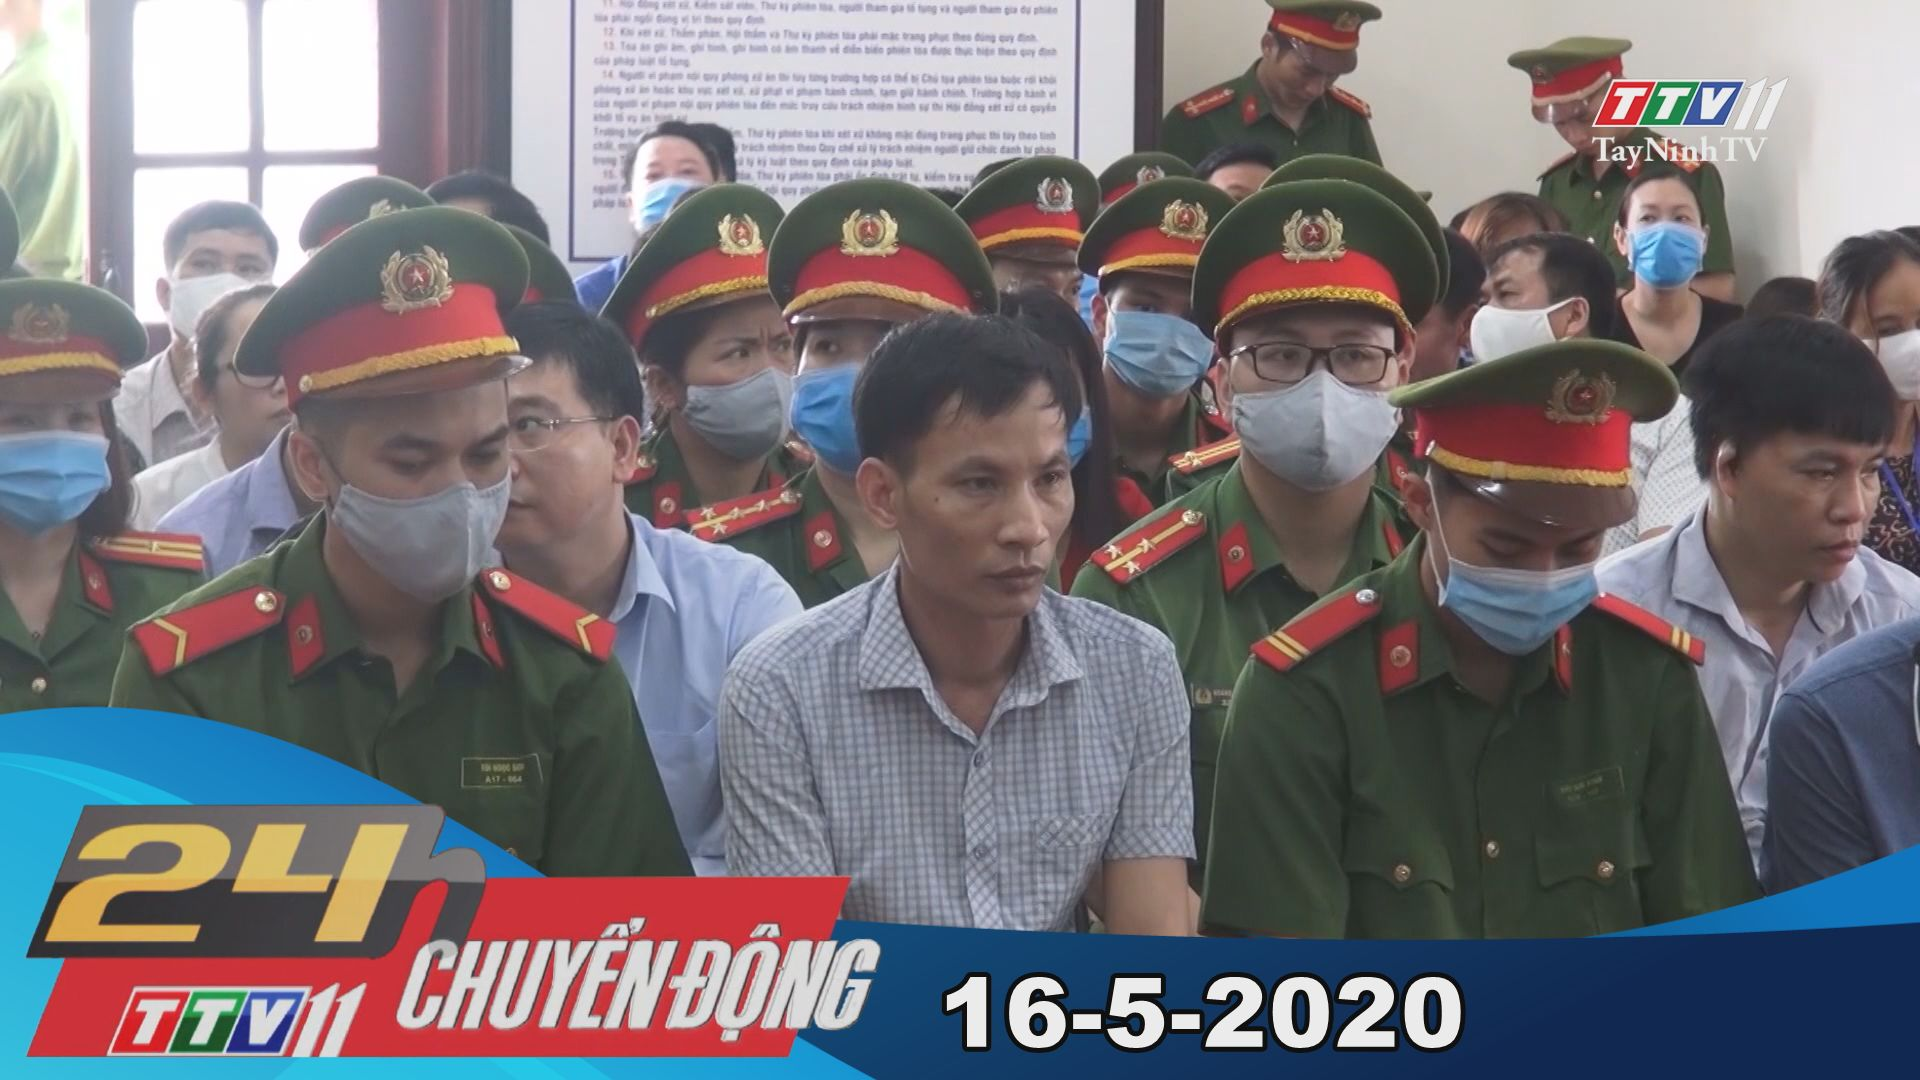 24h Chuyển động 16-5-2020 | Tin tức hôm nay | TayNinhTV